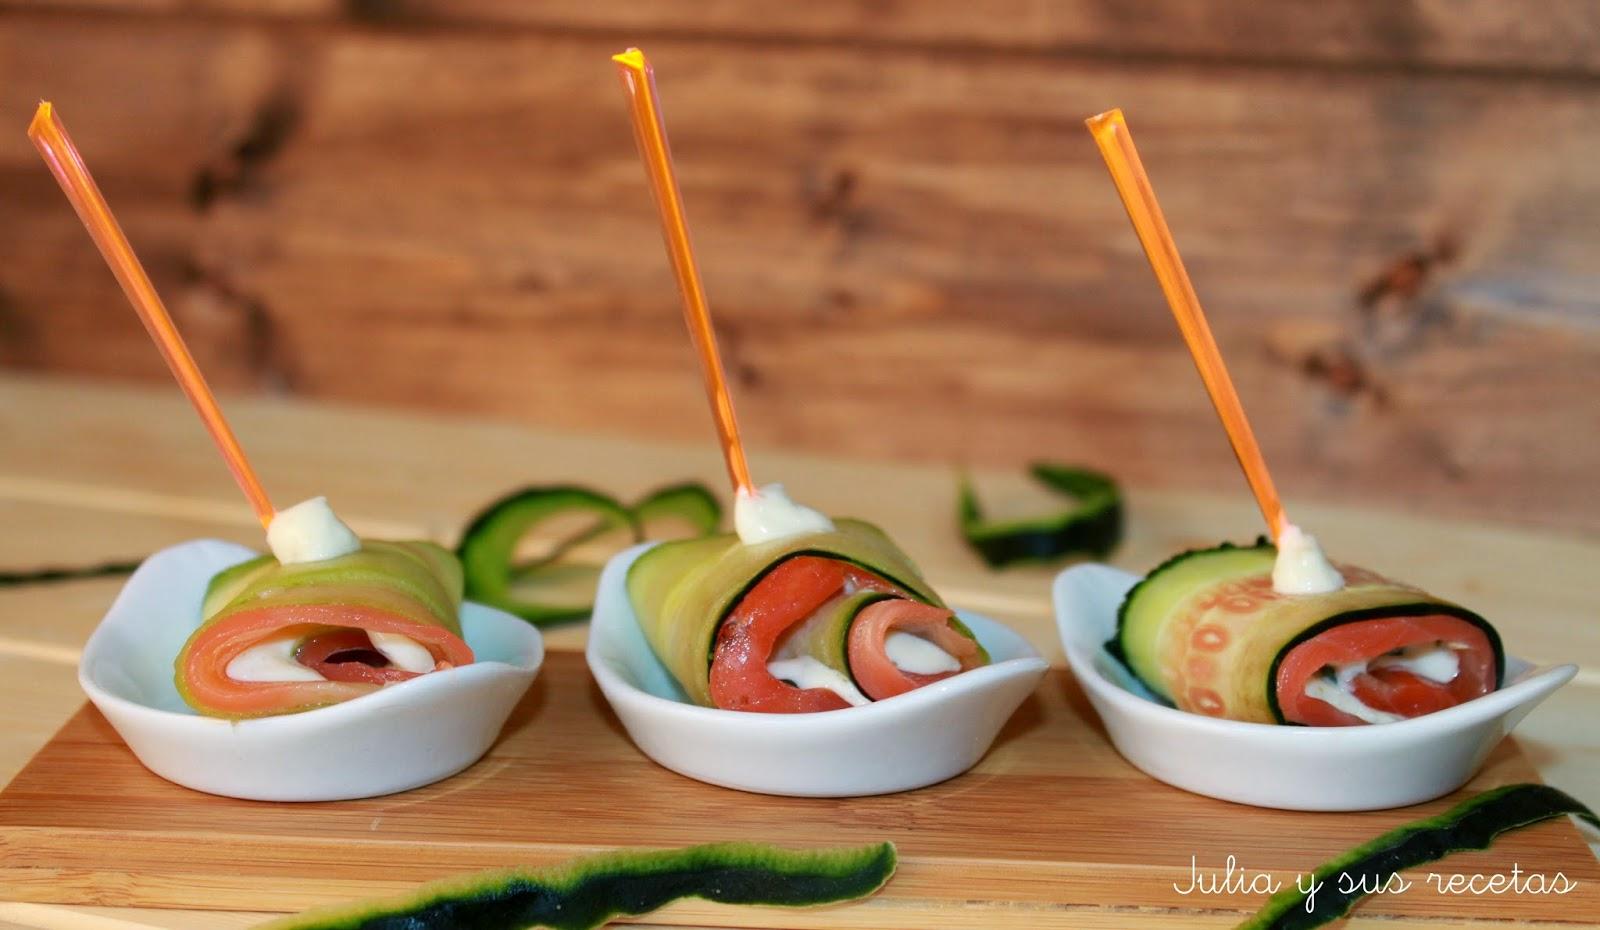 Trucha ahumada con pepino y salsa tártara. Julia y sus recetas